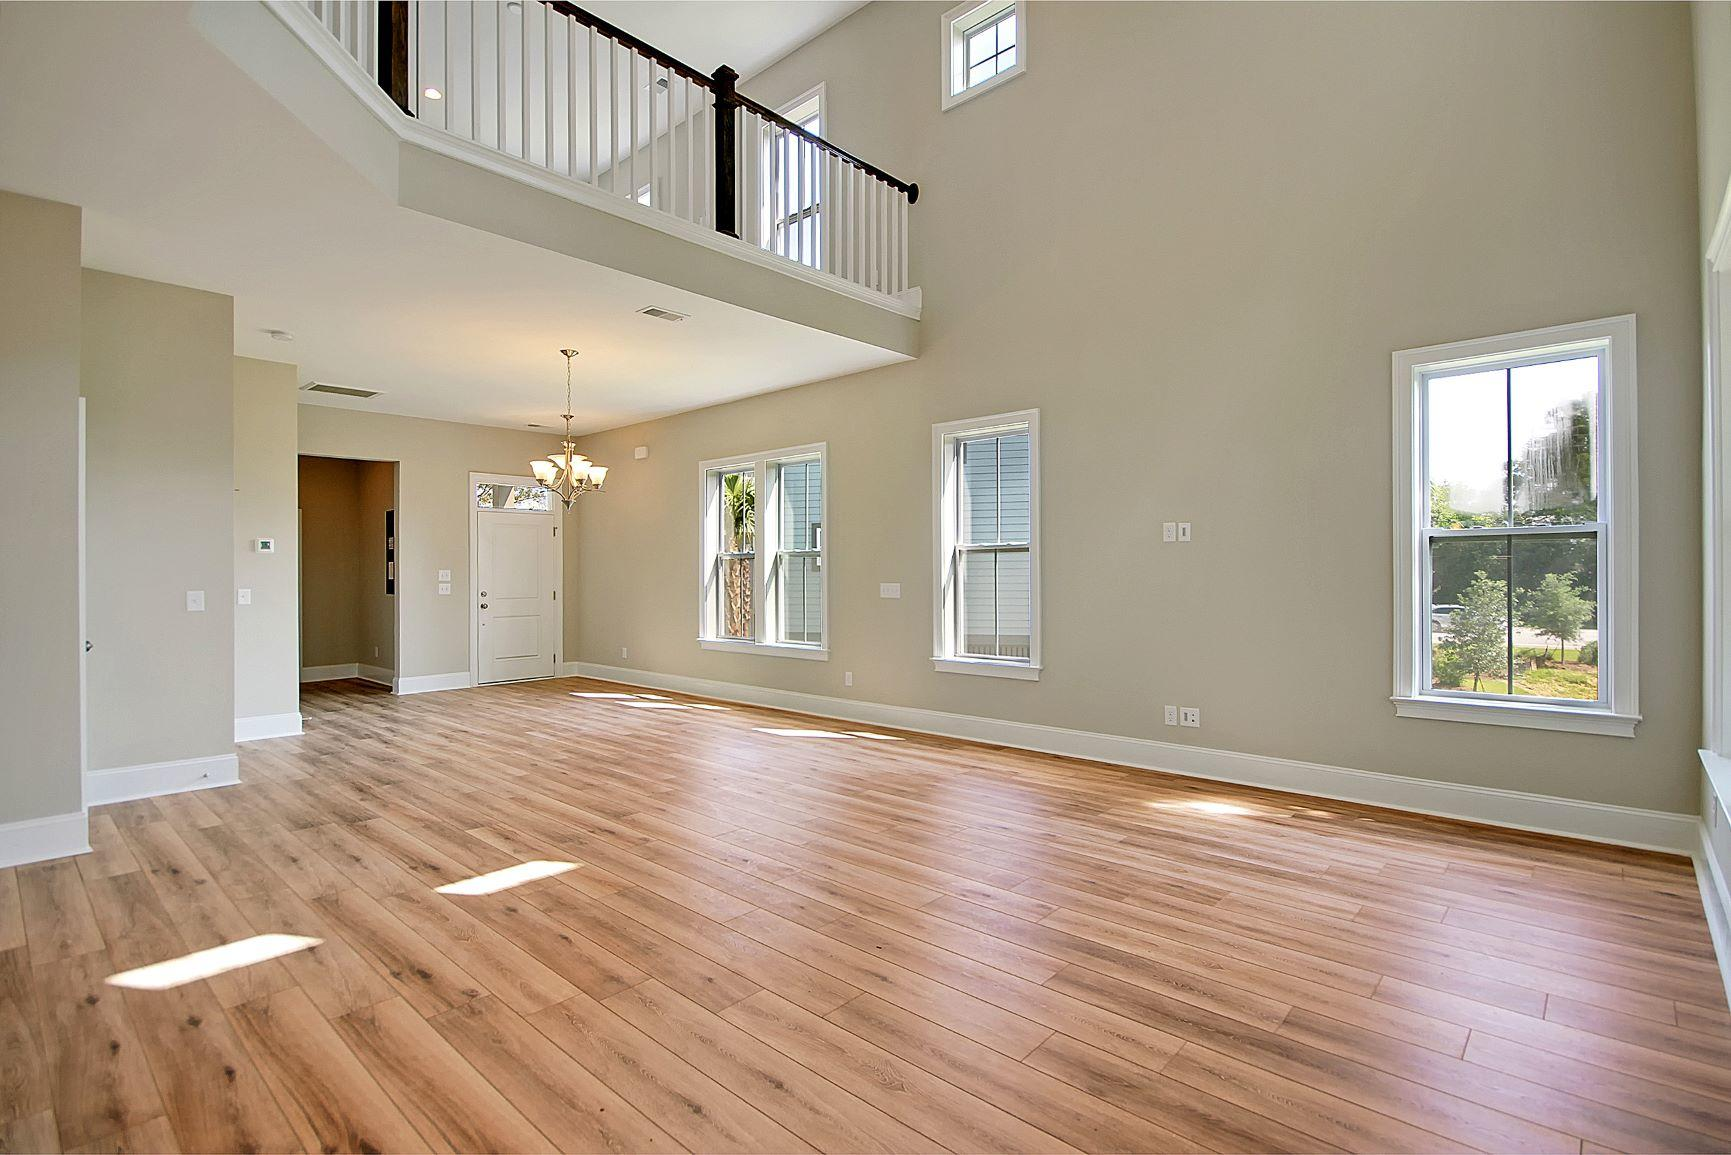 Kings Flats Homes For Sale - 121 Alder, Charleston, SC - 8